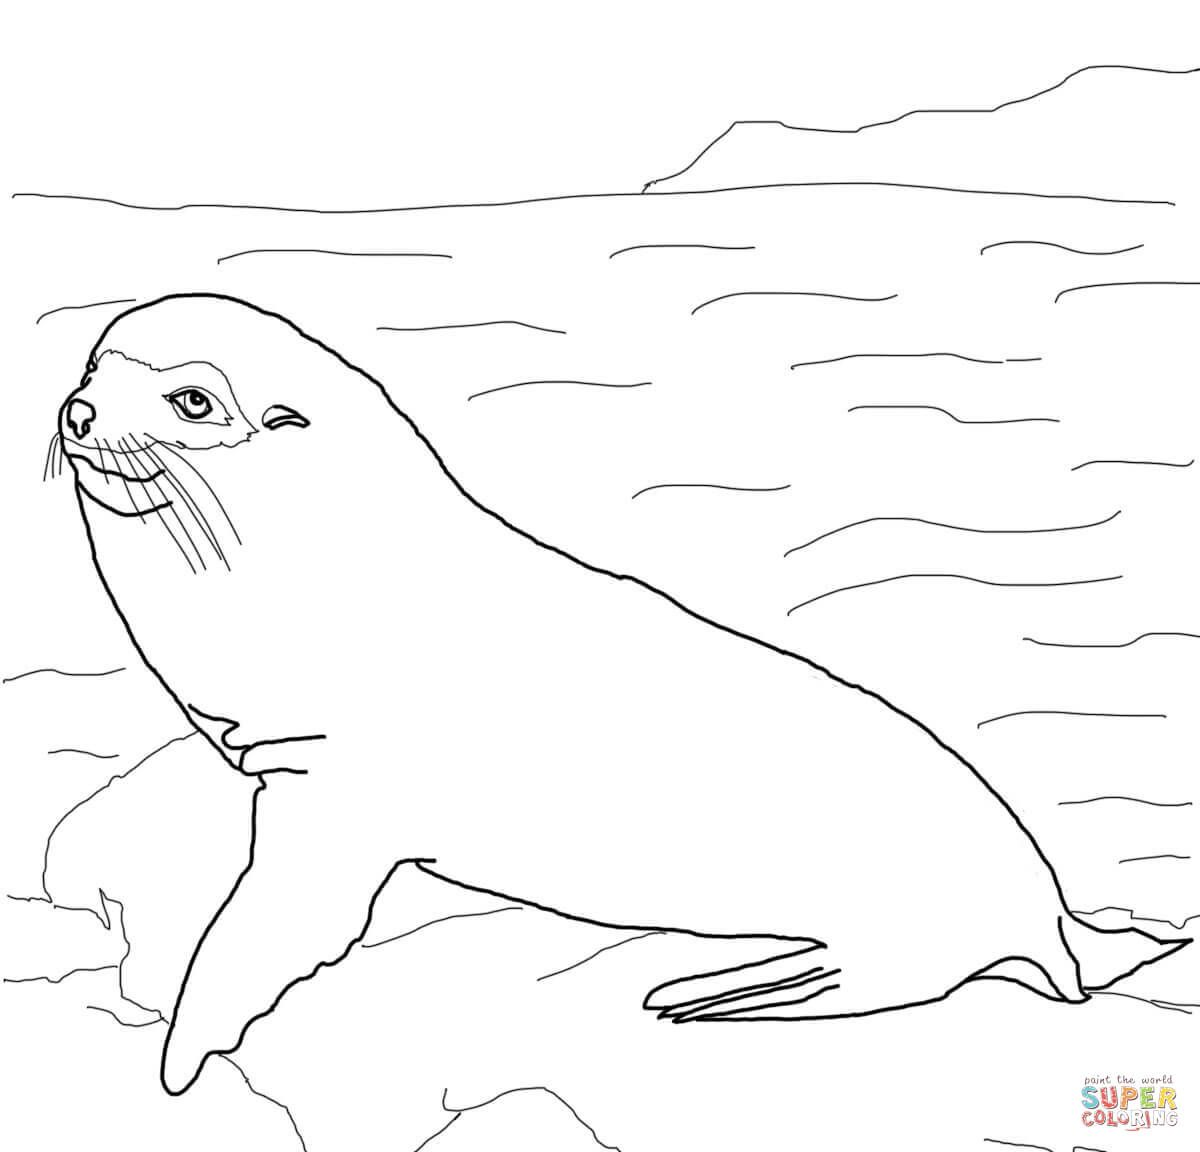 Dibujo De Lobo Peletero De Las Galapagos Para Colorear Dibujos Para Colorear Imprimir Gratis Dibujos Para Colorear Dibujos Dibujos De Animales